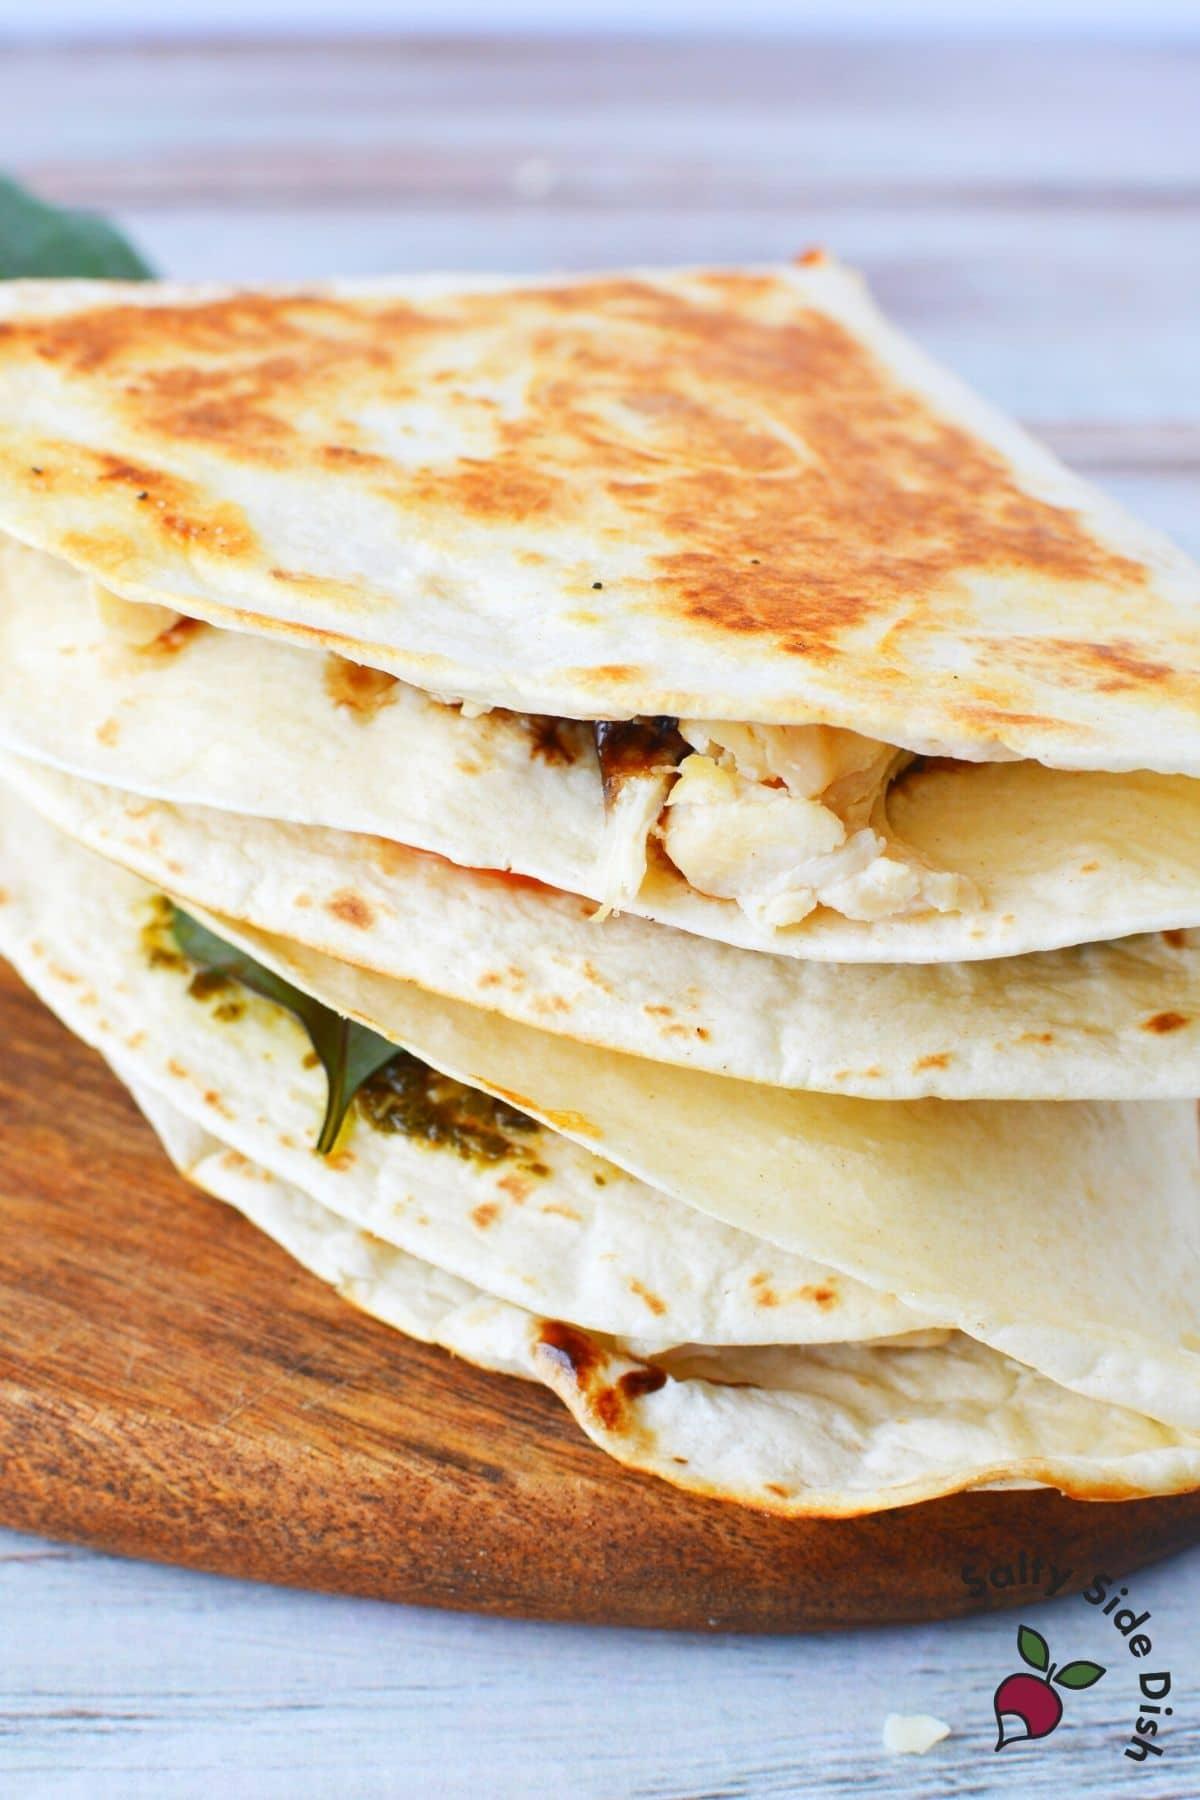 folded tortilla from tiktok viral trend